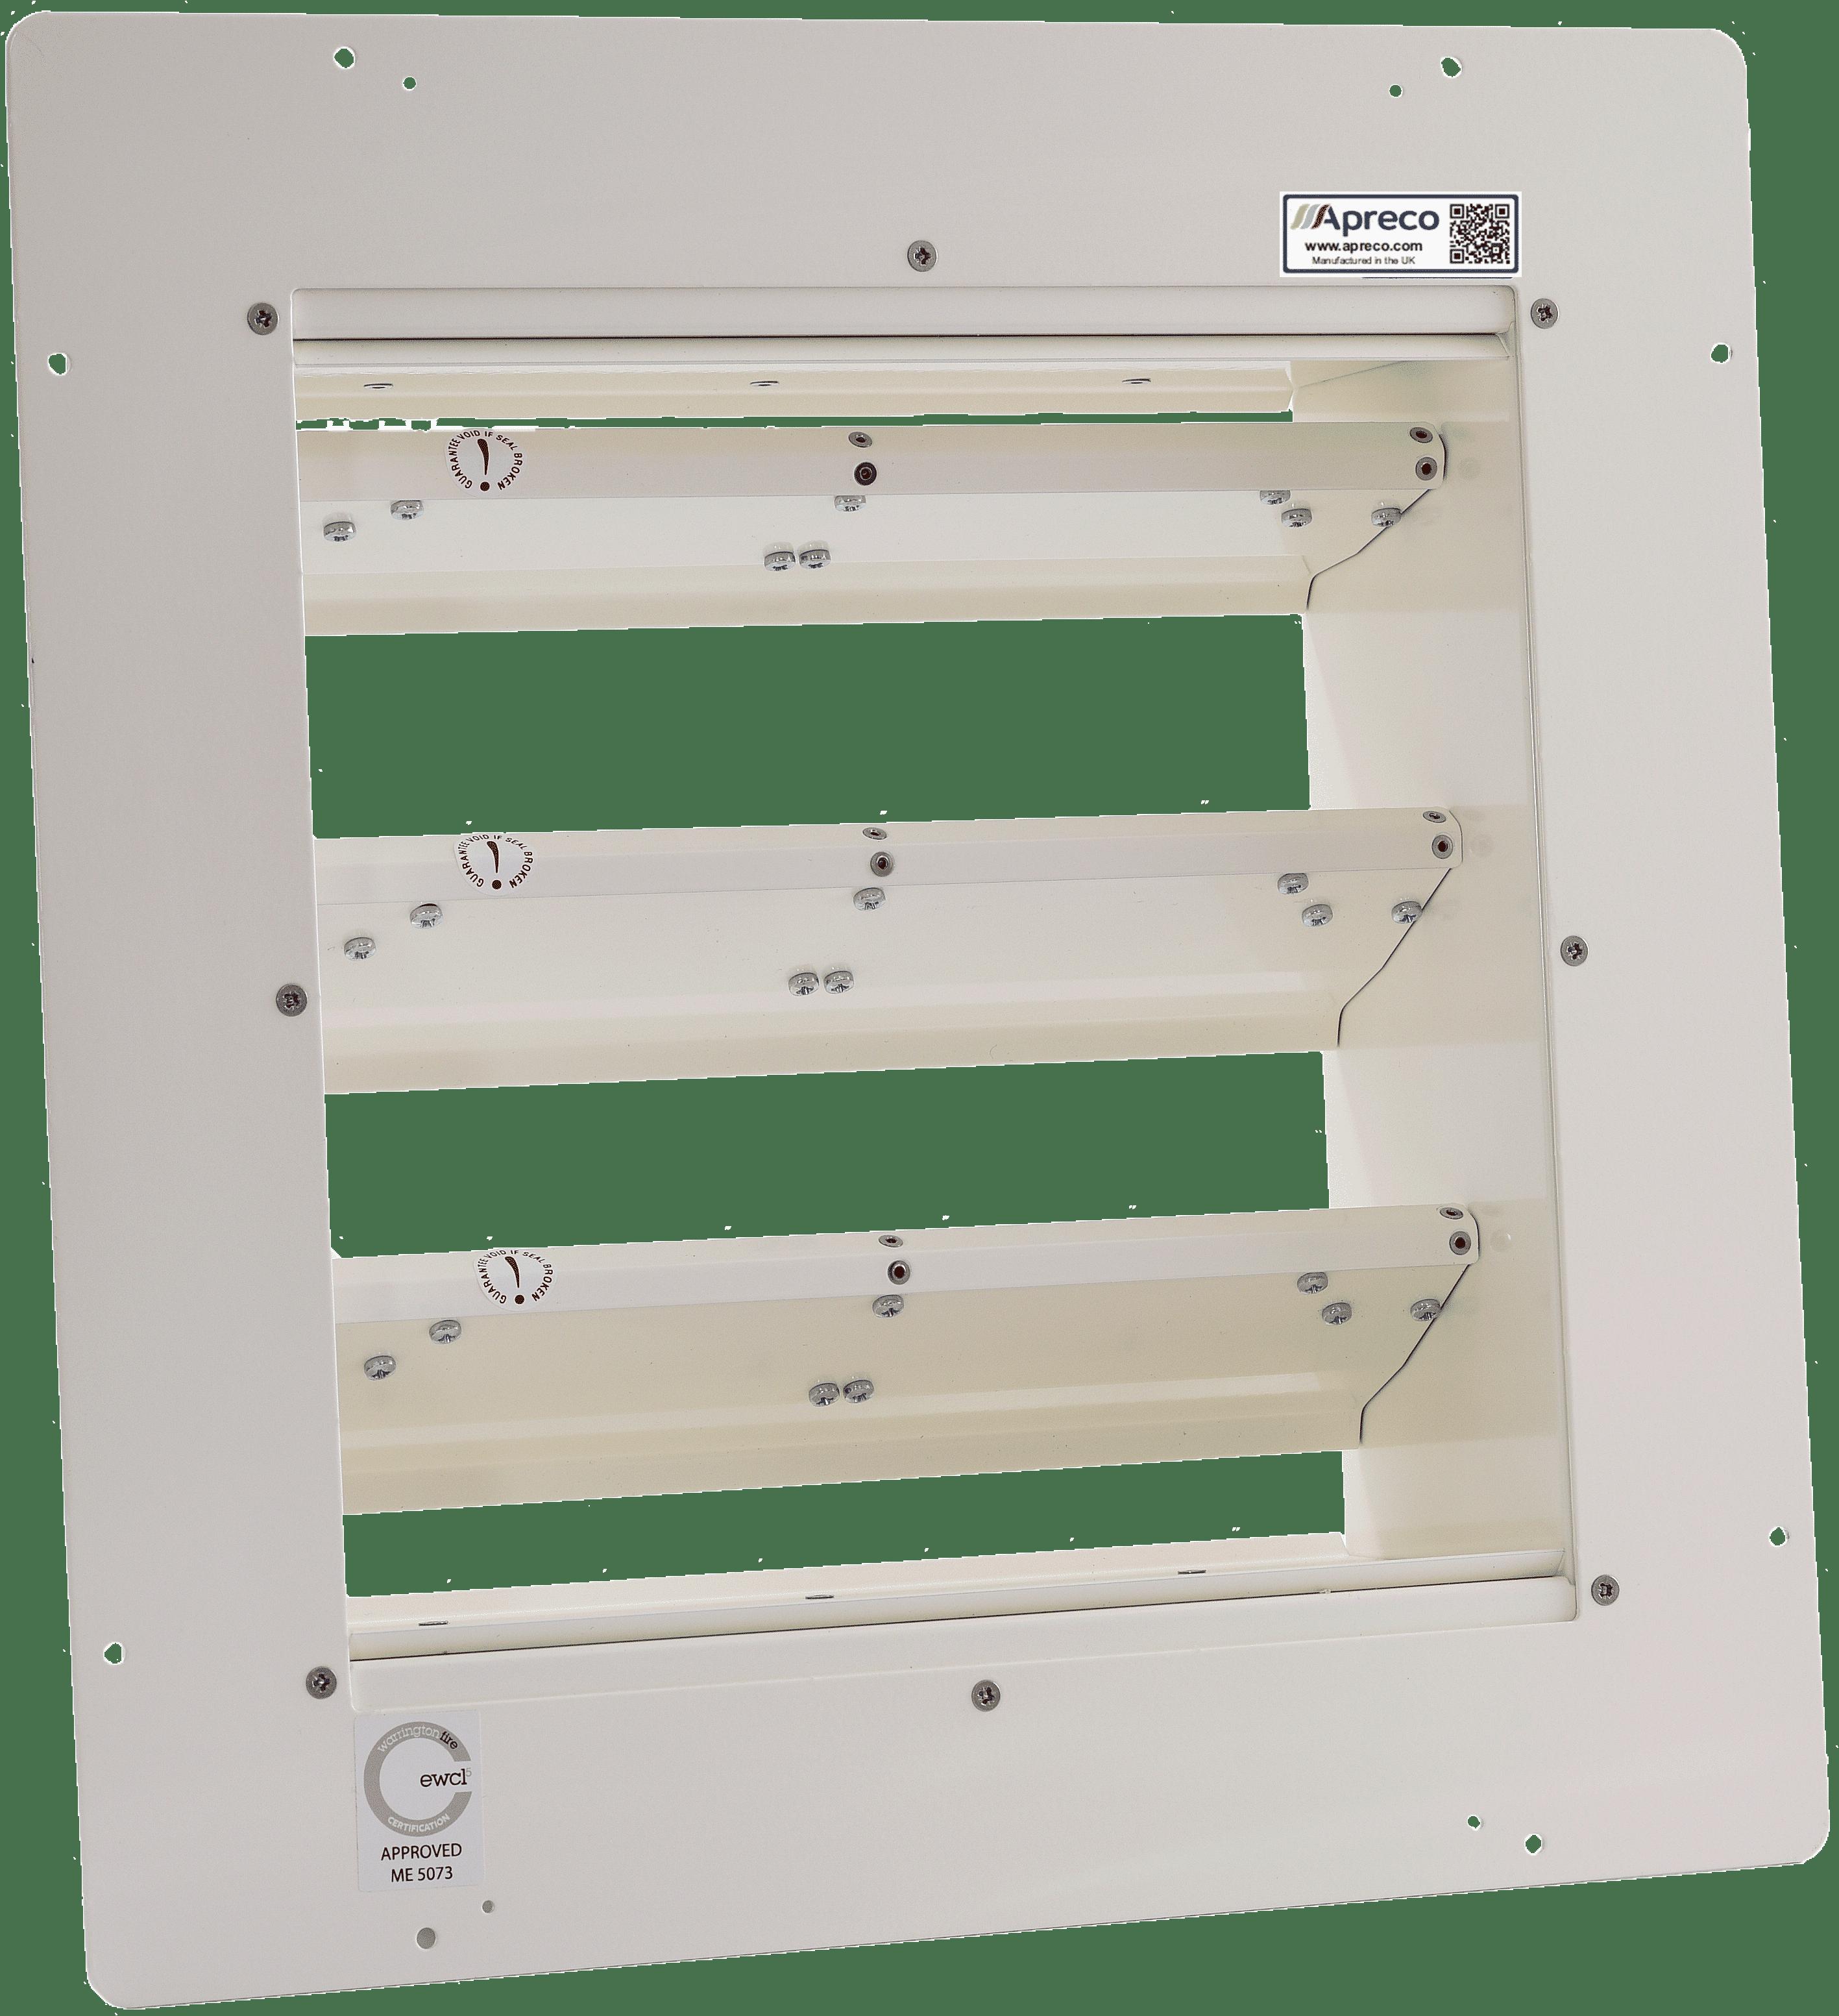 SGV-MK2-Apreco-suppression-gas-vent-blades-open